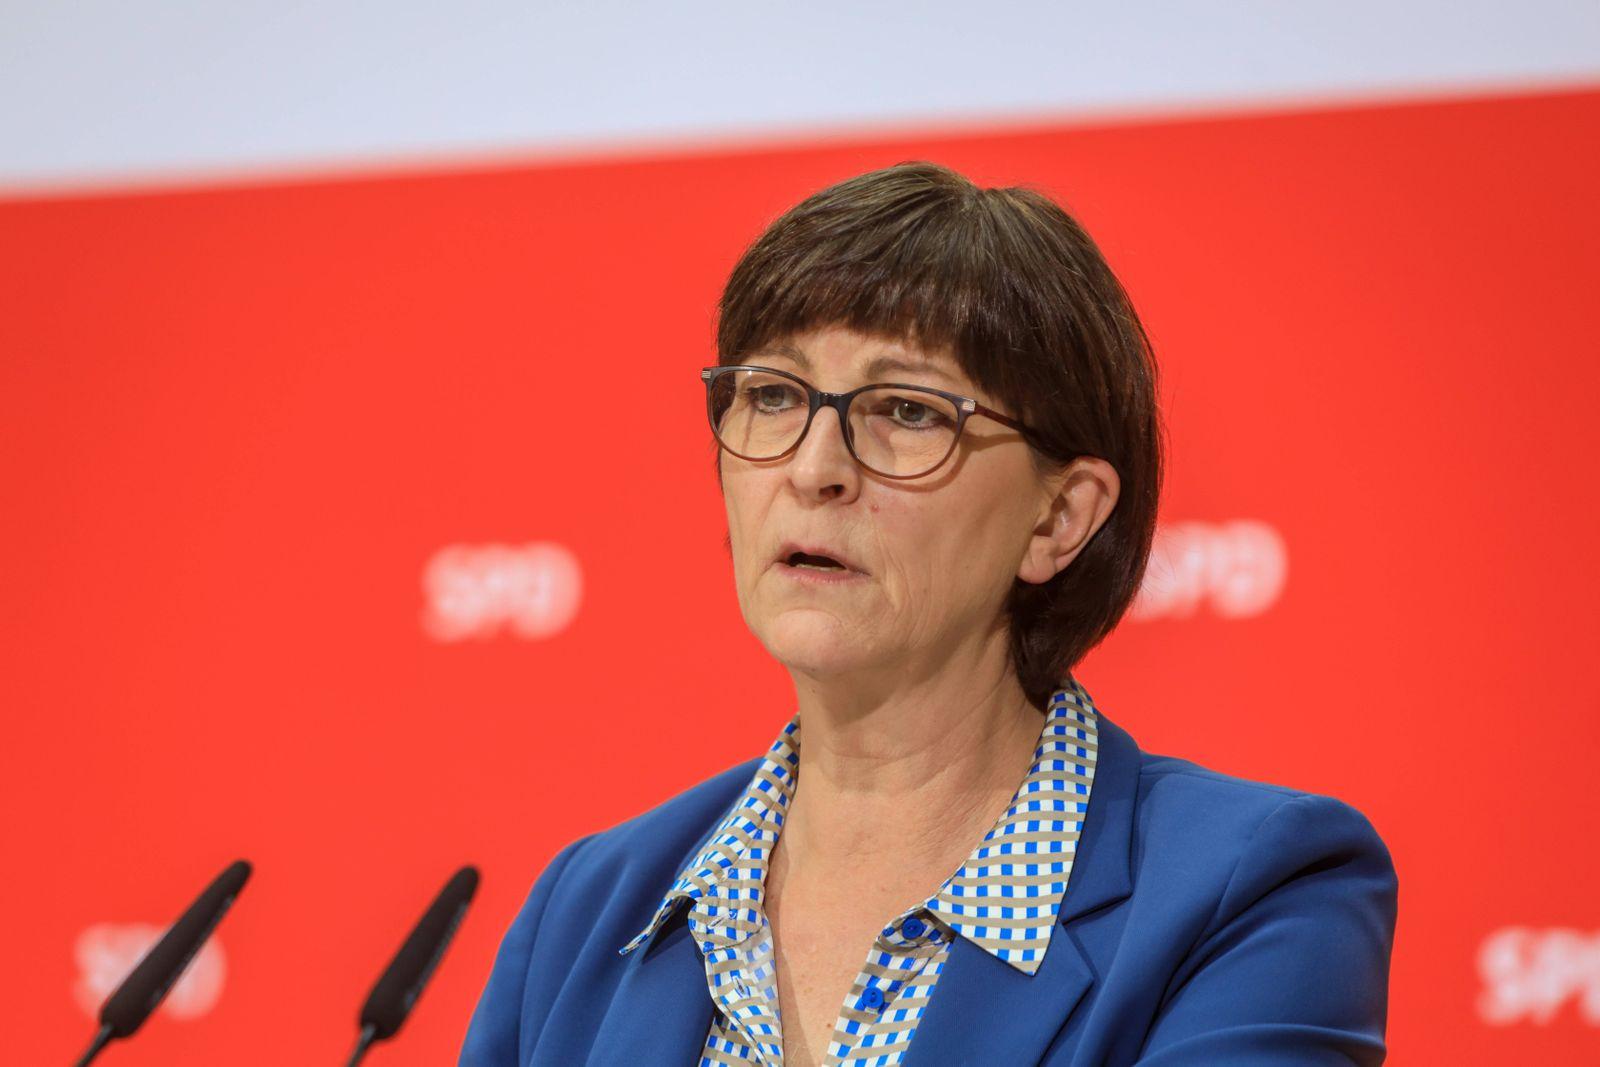 DEU, Deutschland, Berlin, 27.01.2020: Pressekonferenz der SPD-Vorsitzenden im Anschluss an die Sitzung des SPD-Parteivo